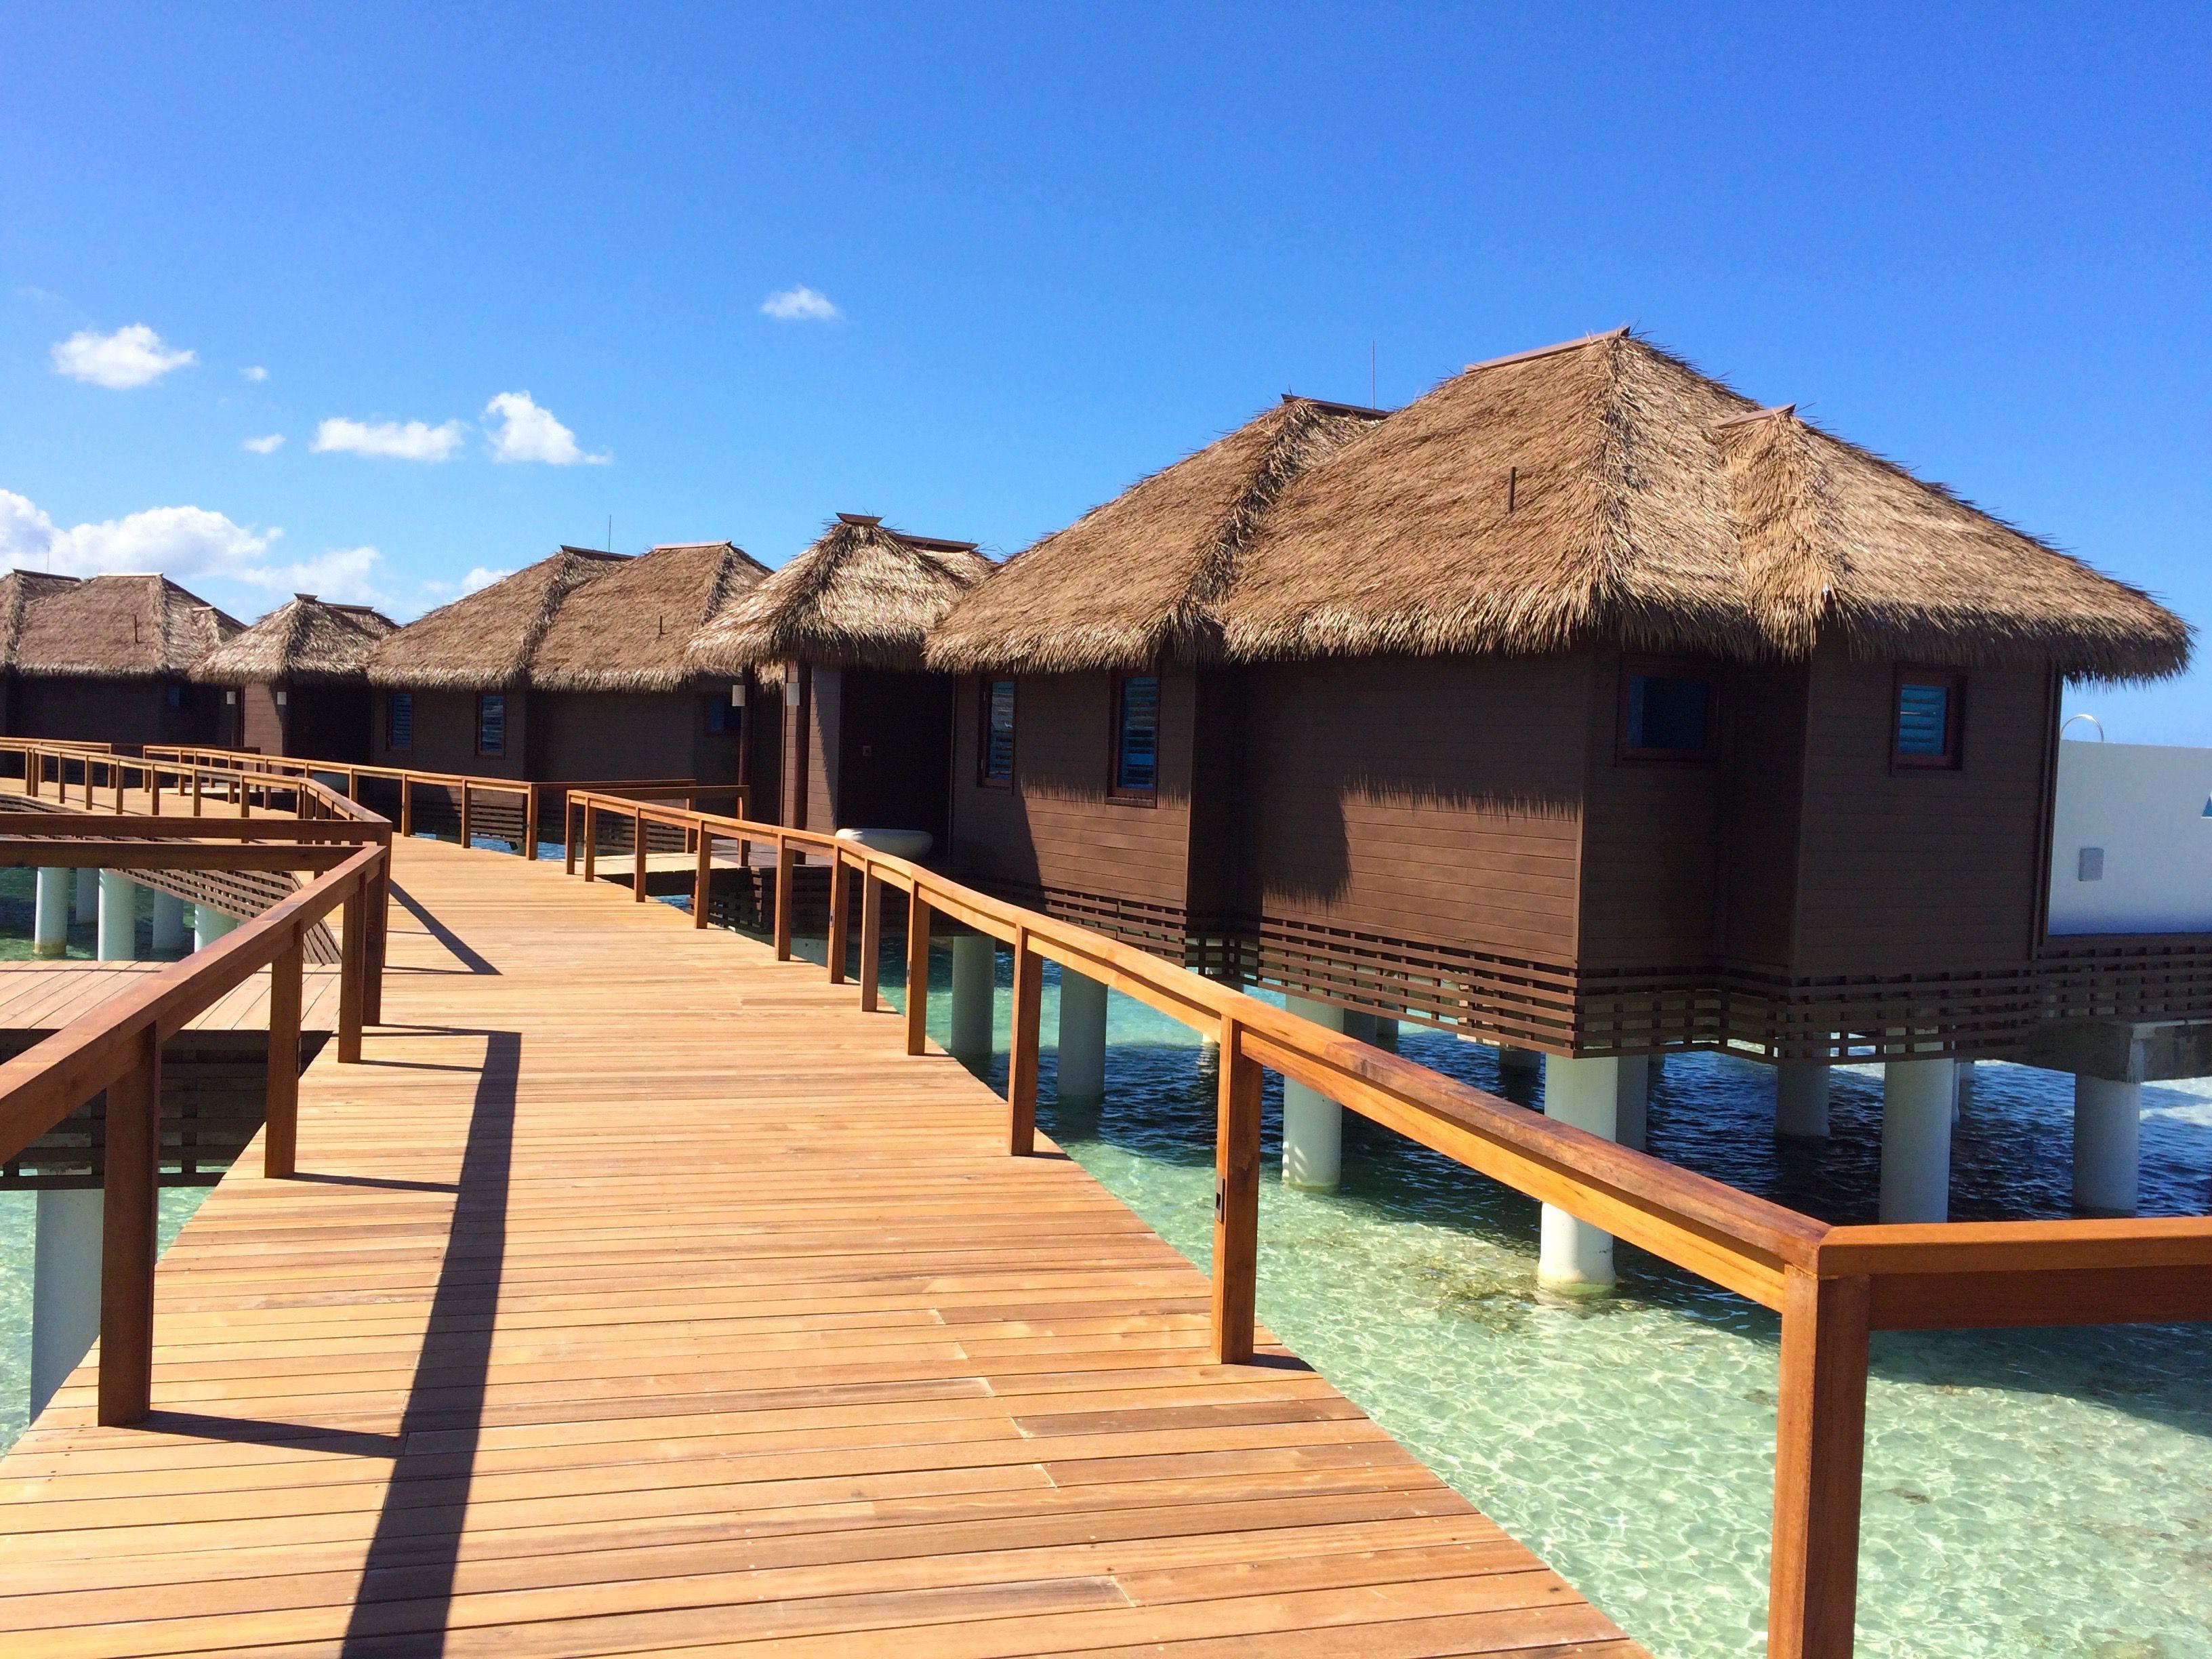 Boardwalk to villas